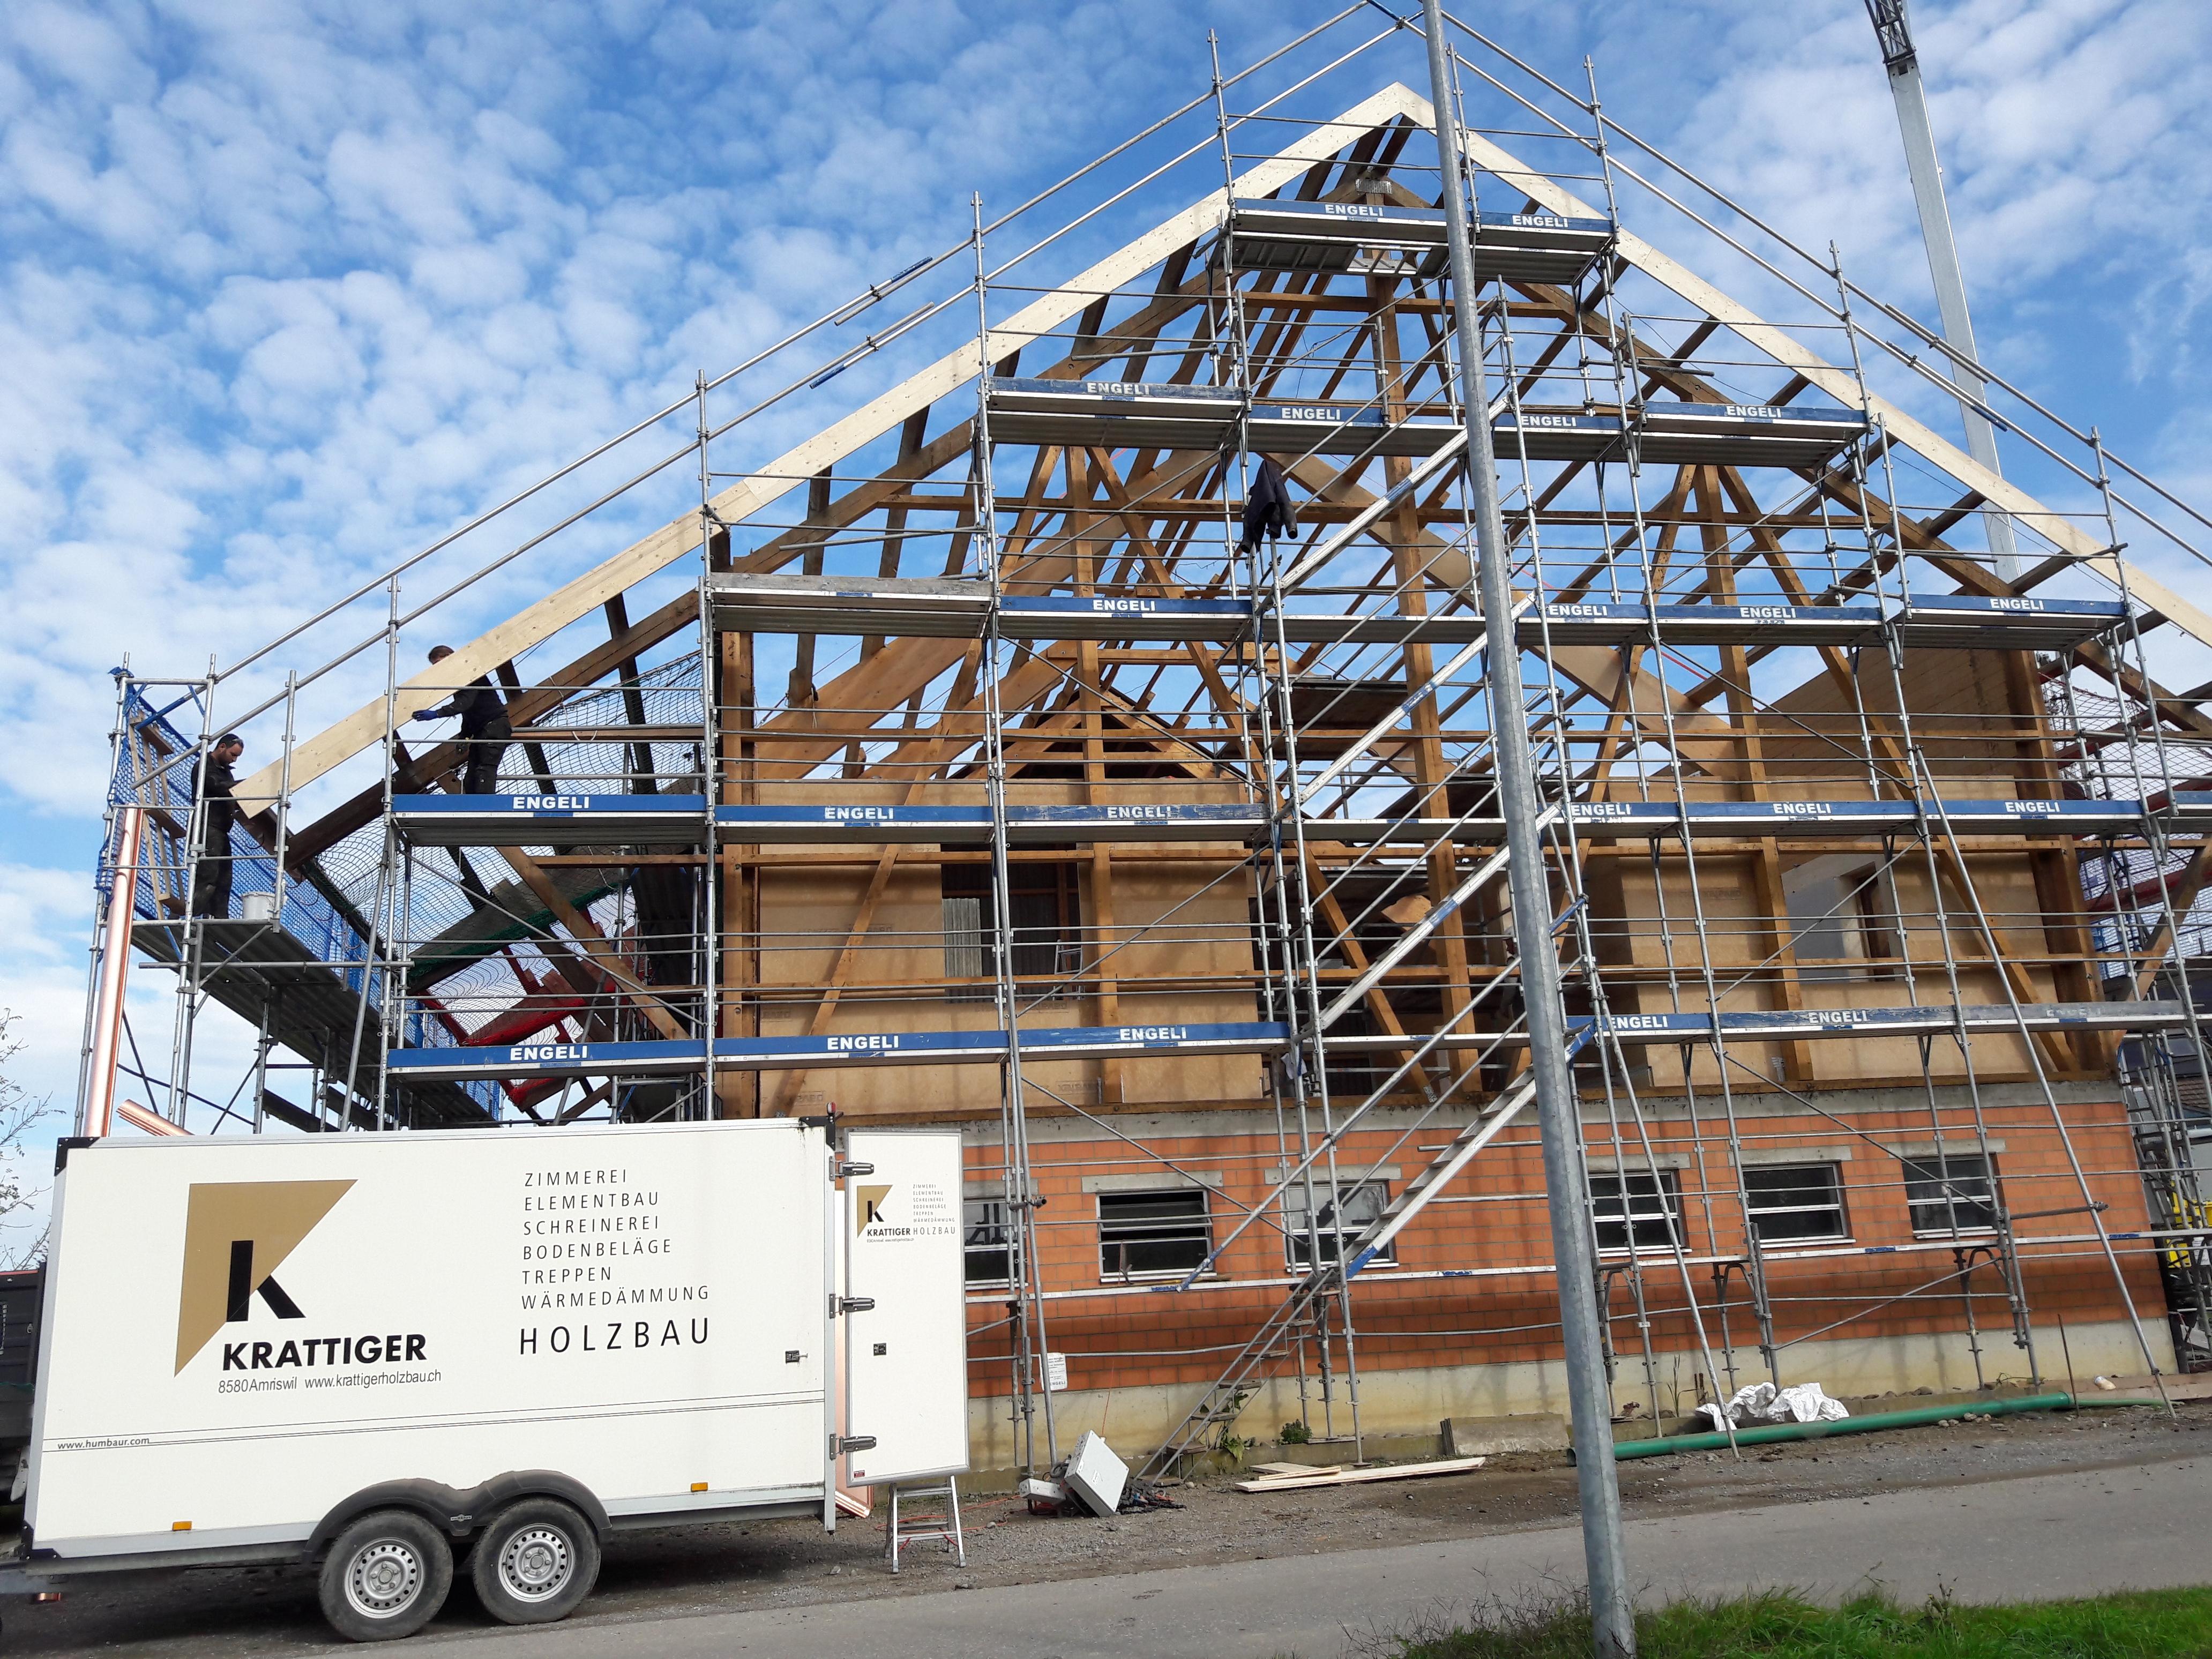 Umnutzung «Wohnen im Stall»: Gebäude abgedeckt l Krattiger Holzbau AG Amriswil